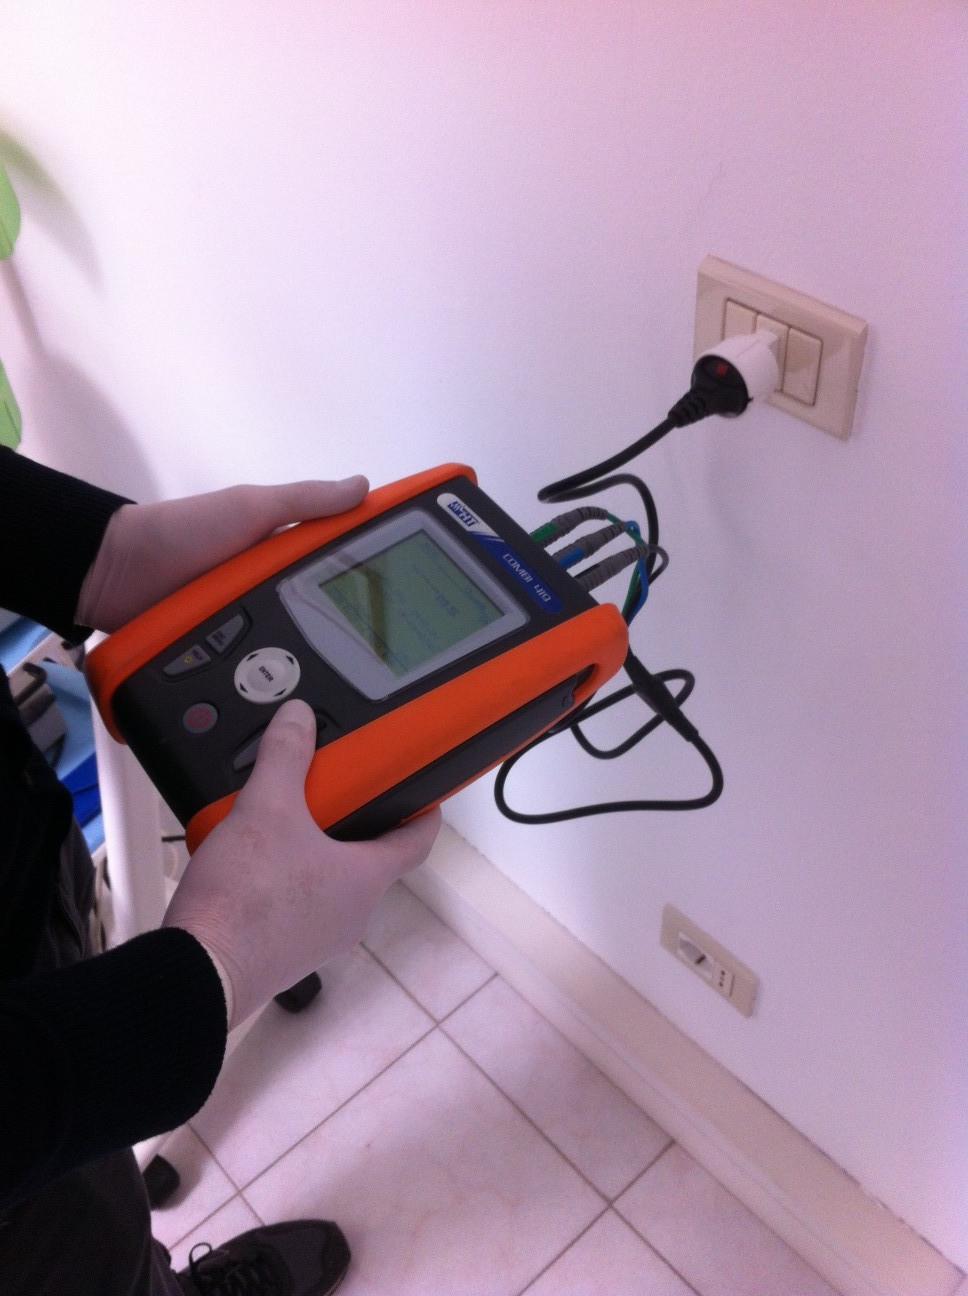 progettazione impianti elettrici e fotovoltaici verifiche impianto elettrico studi medici sicurezza delle apparecchiature elettromedicali 3